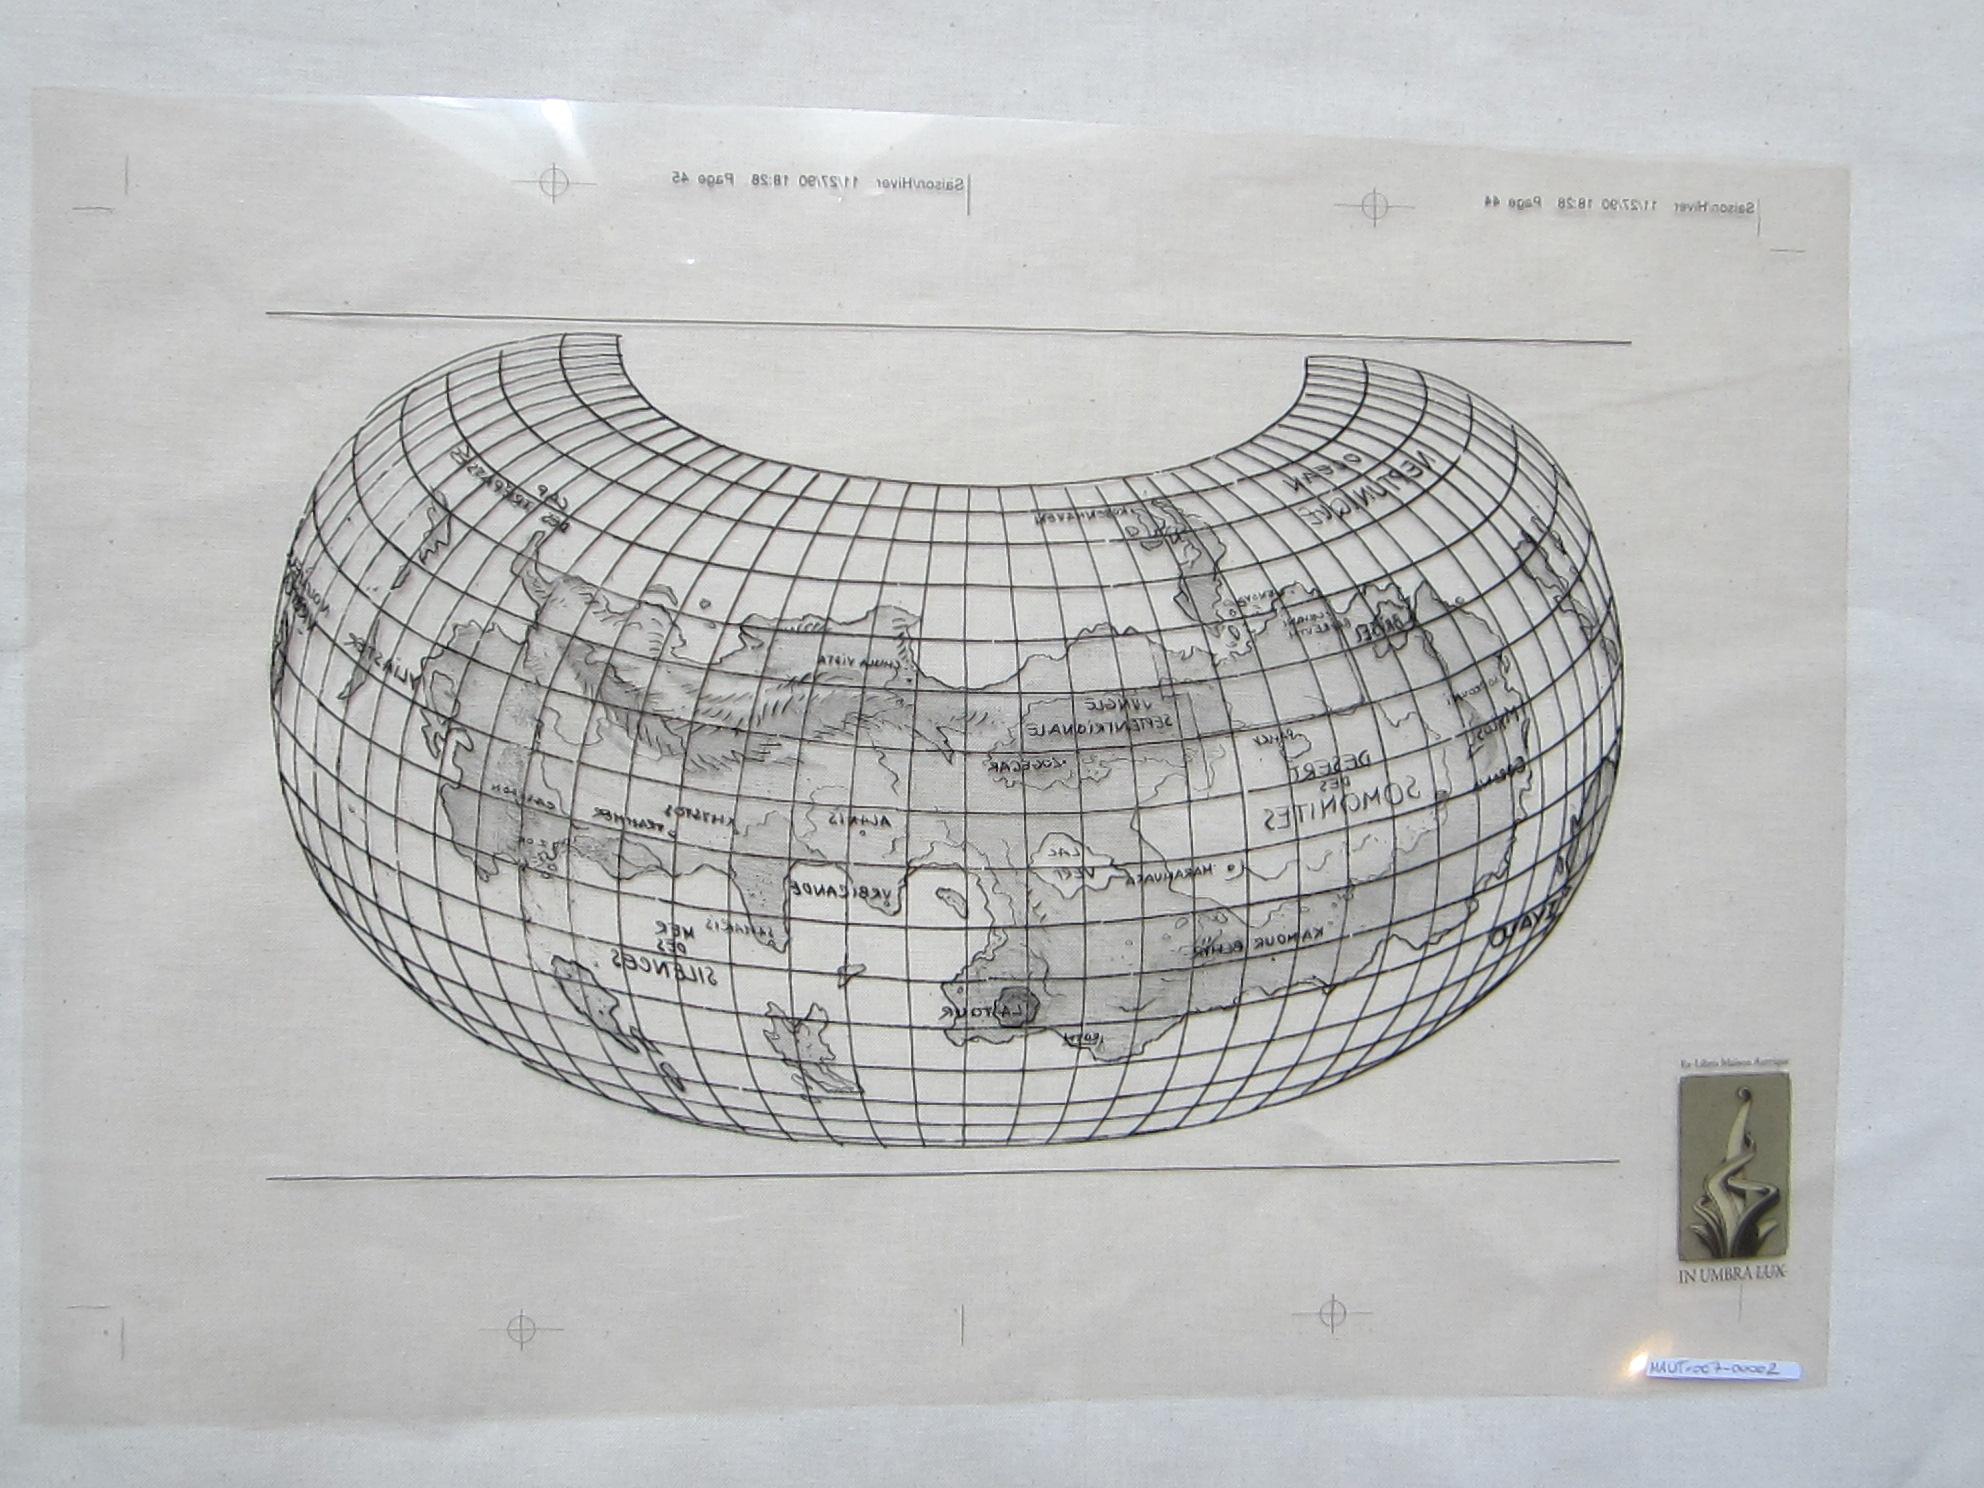 Planisphère du monde obscur© François Schuiten, 1990